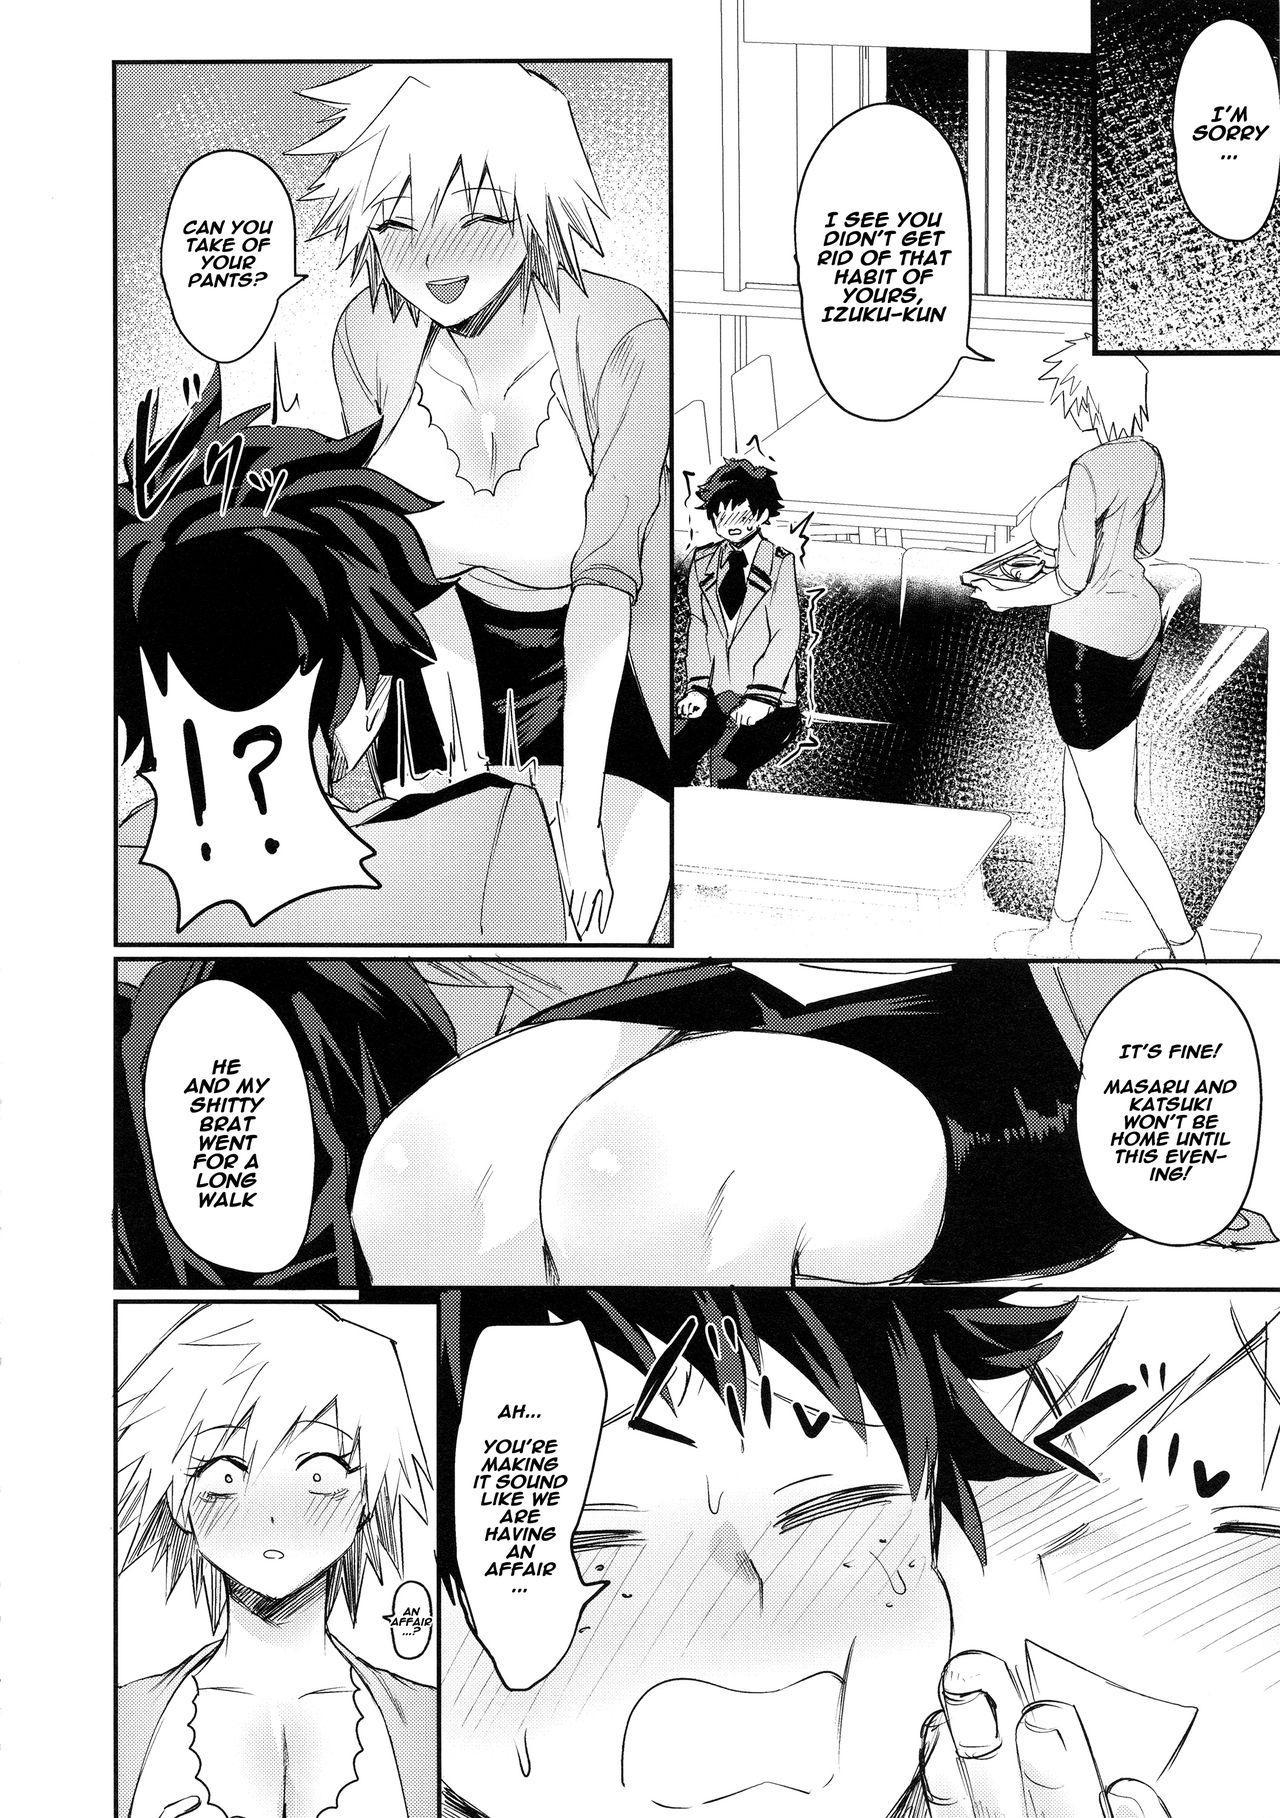 Mitsuki-san no Bosei ni Oshitsubusaresou desu 4